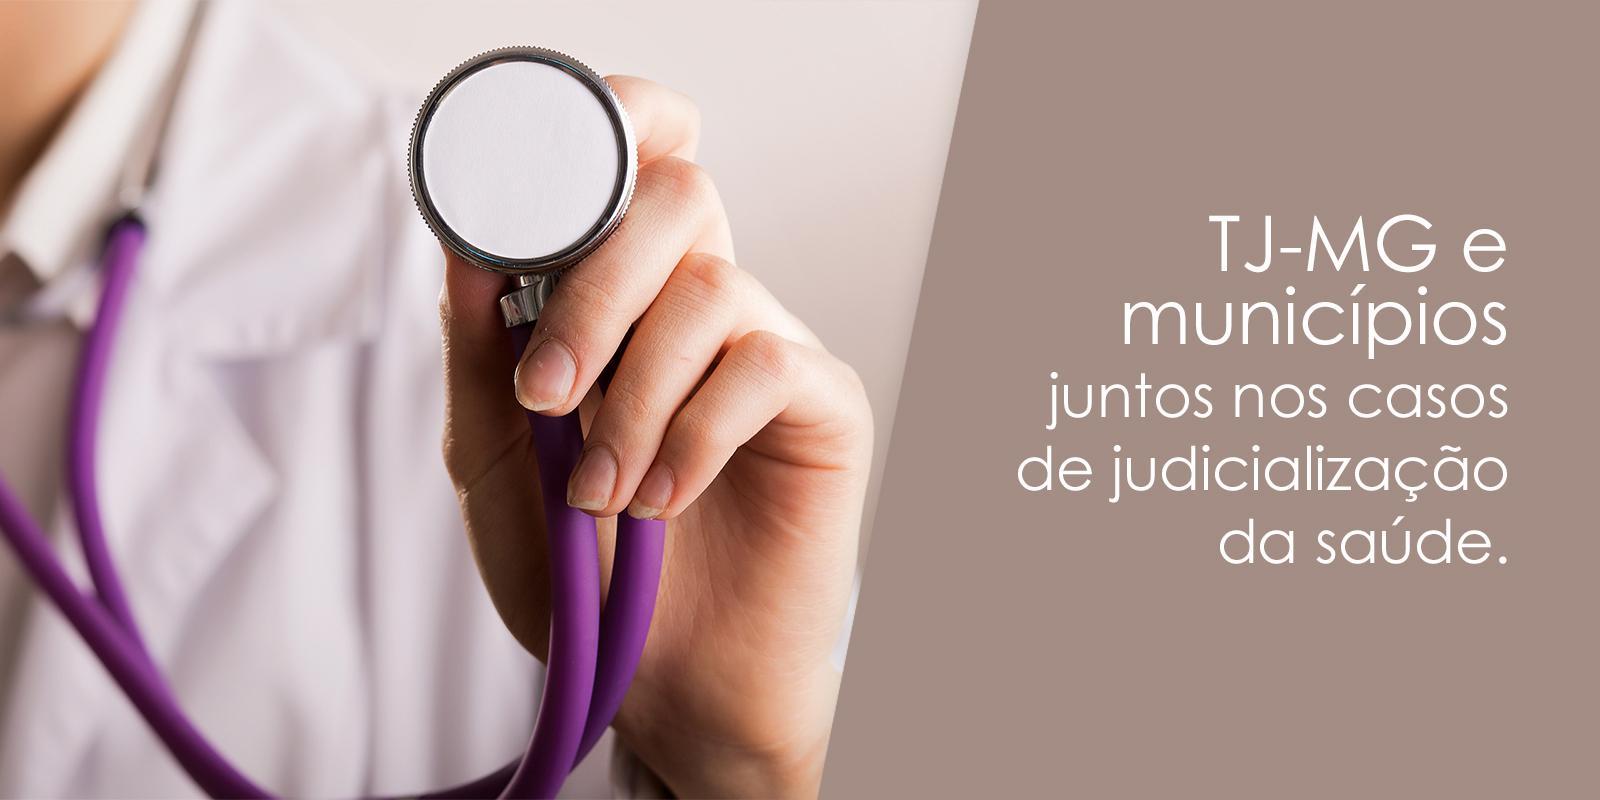 Cooperação técnica entre TJ-MG e municípios visa ajudar nos casos de judicialização da saúde